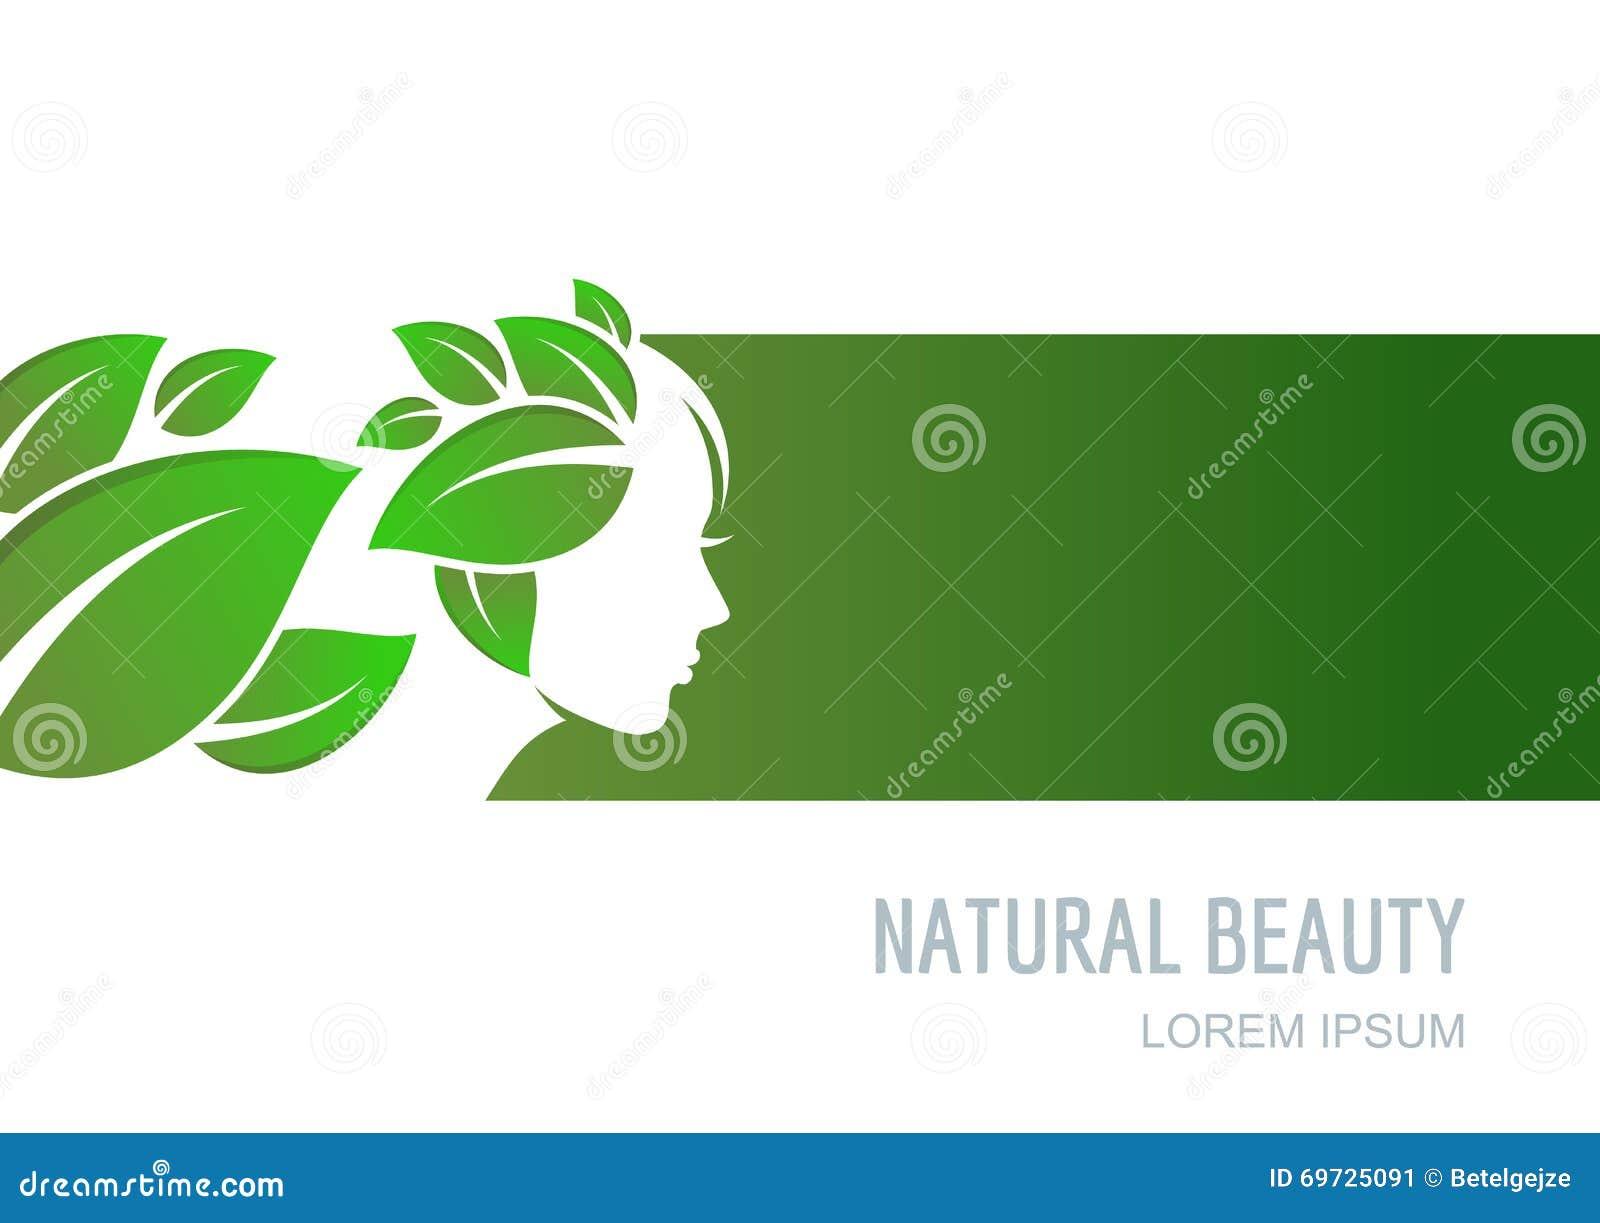 Concetto astratto per il salone di bellezza, cosmetici, stazione termale, healtcare naturale